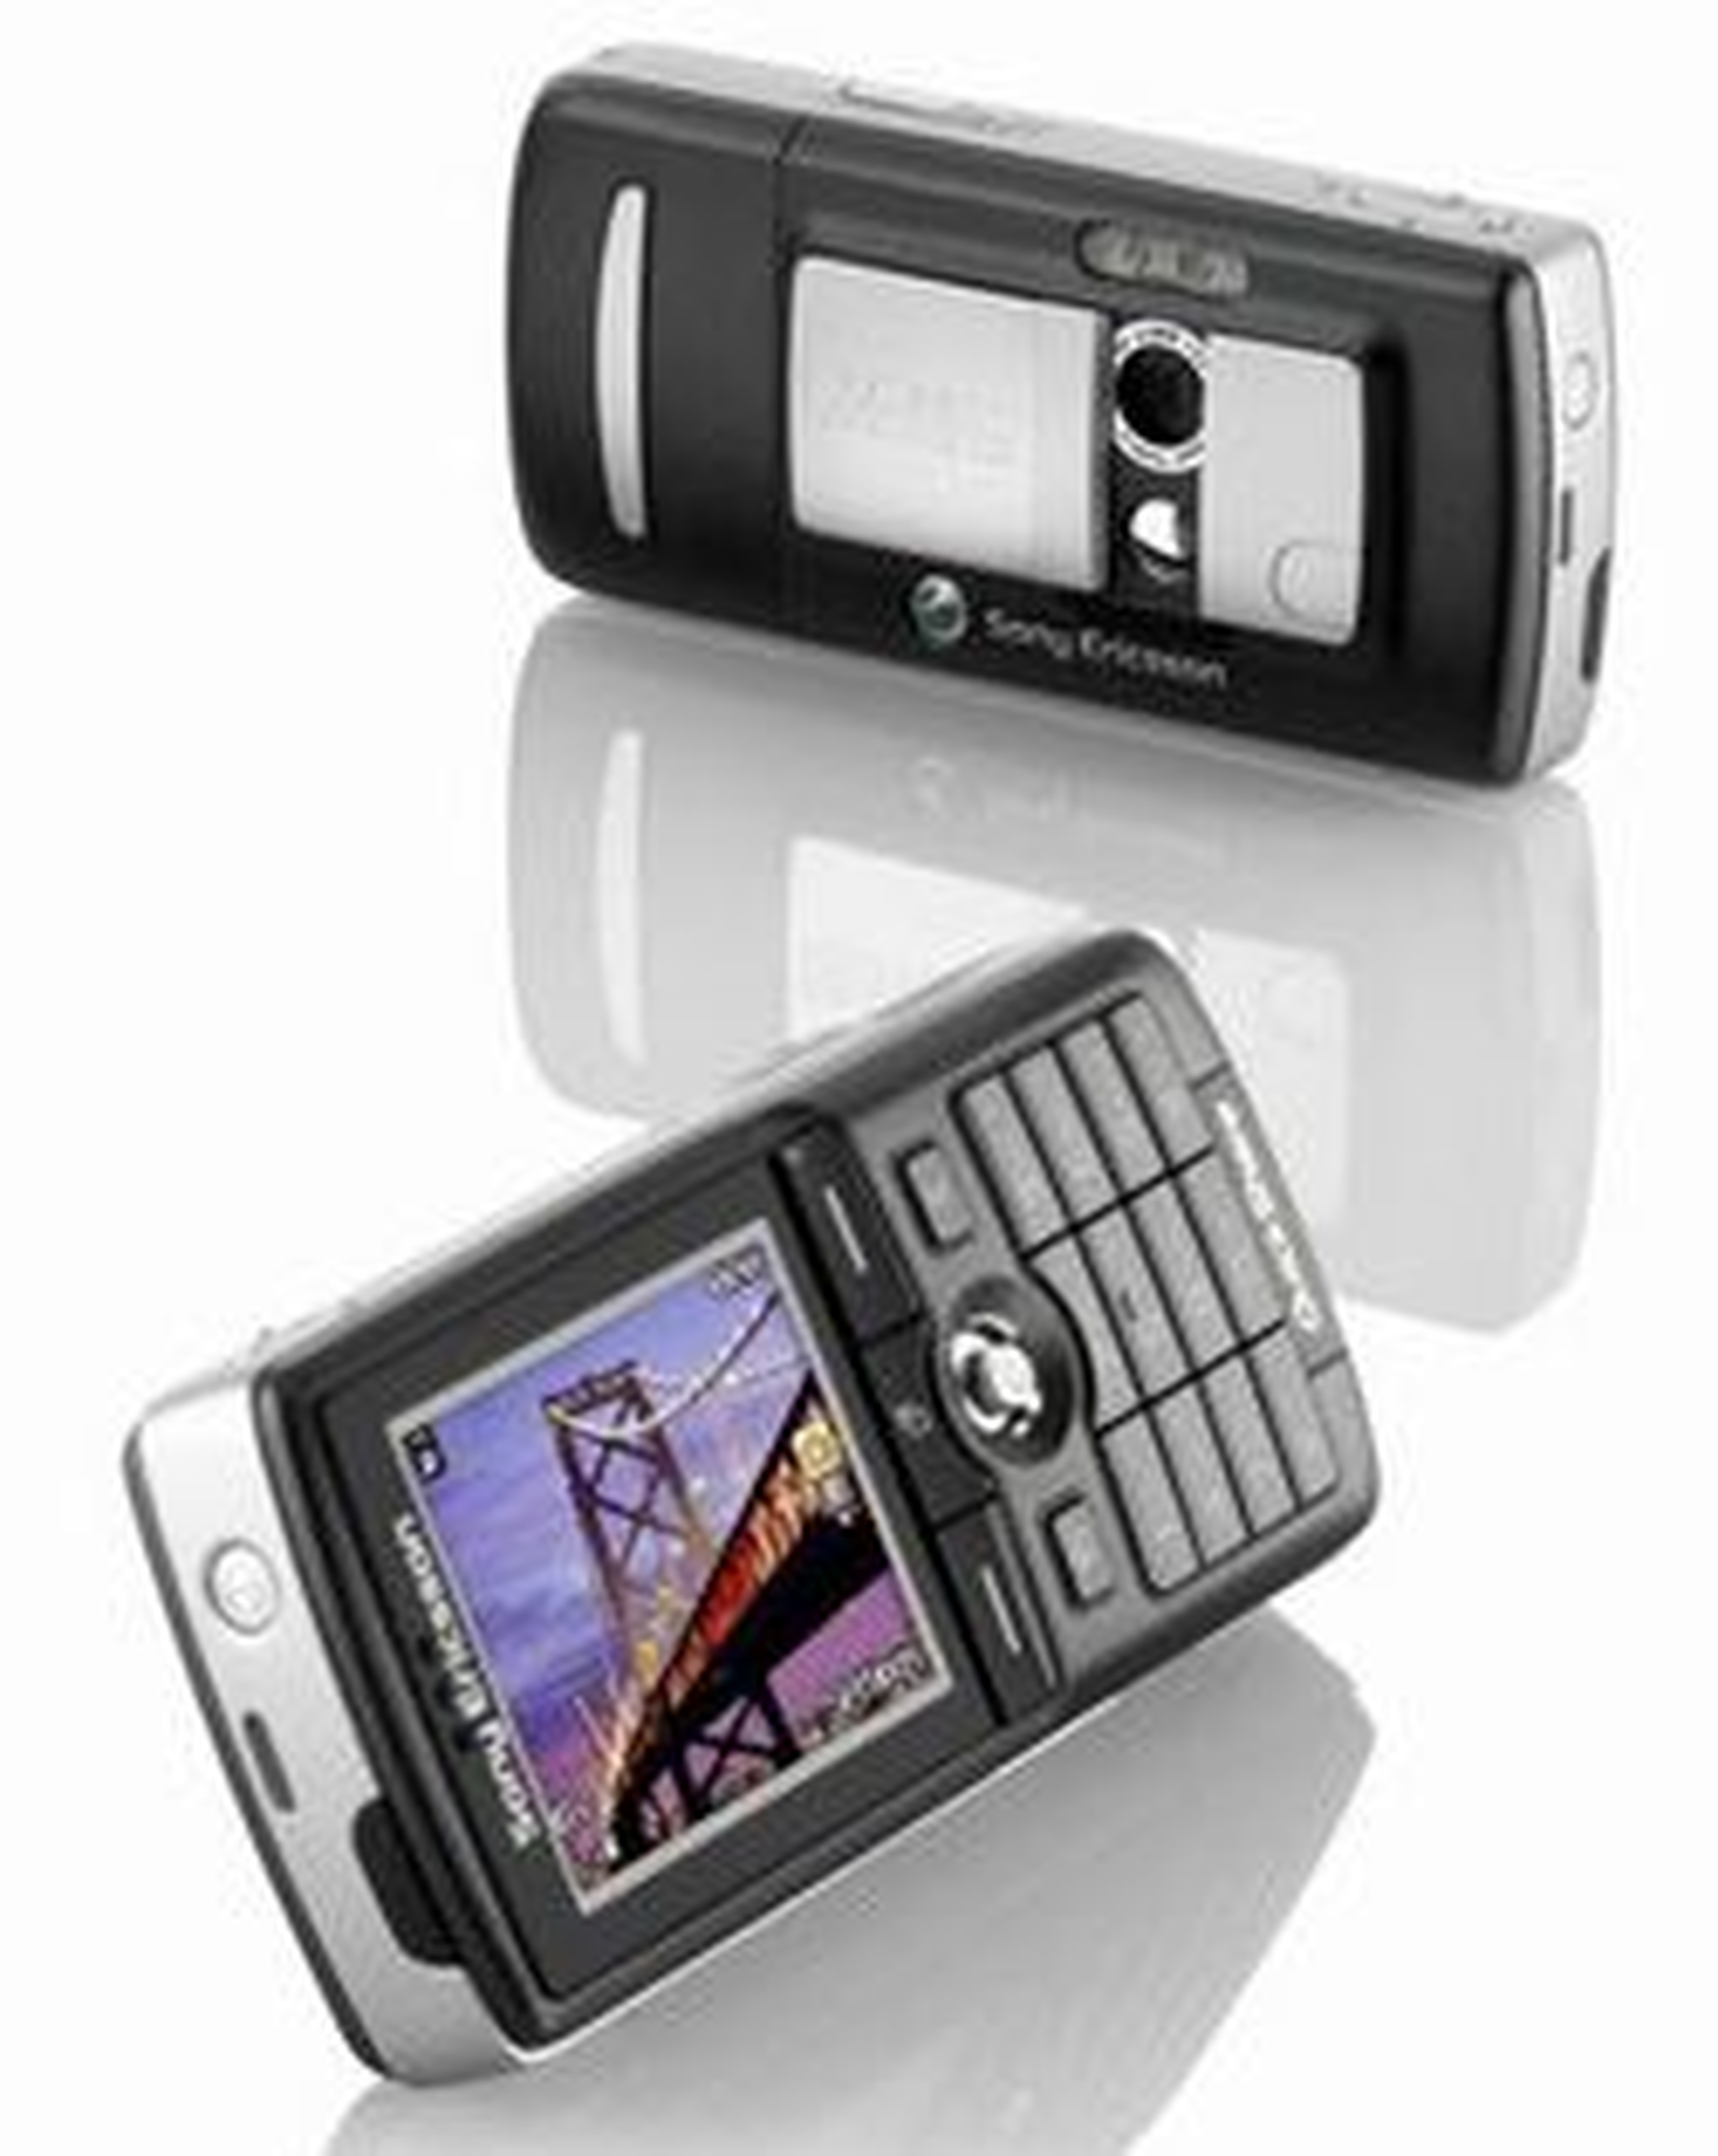 K750i var neste store satsning, og var lenge den beste kameratelefonen på markedet. (Foto: Sony Ericsson)